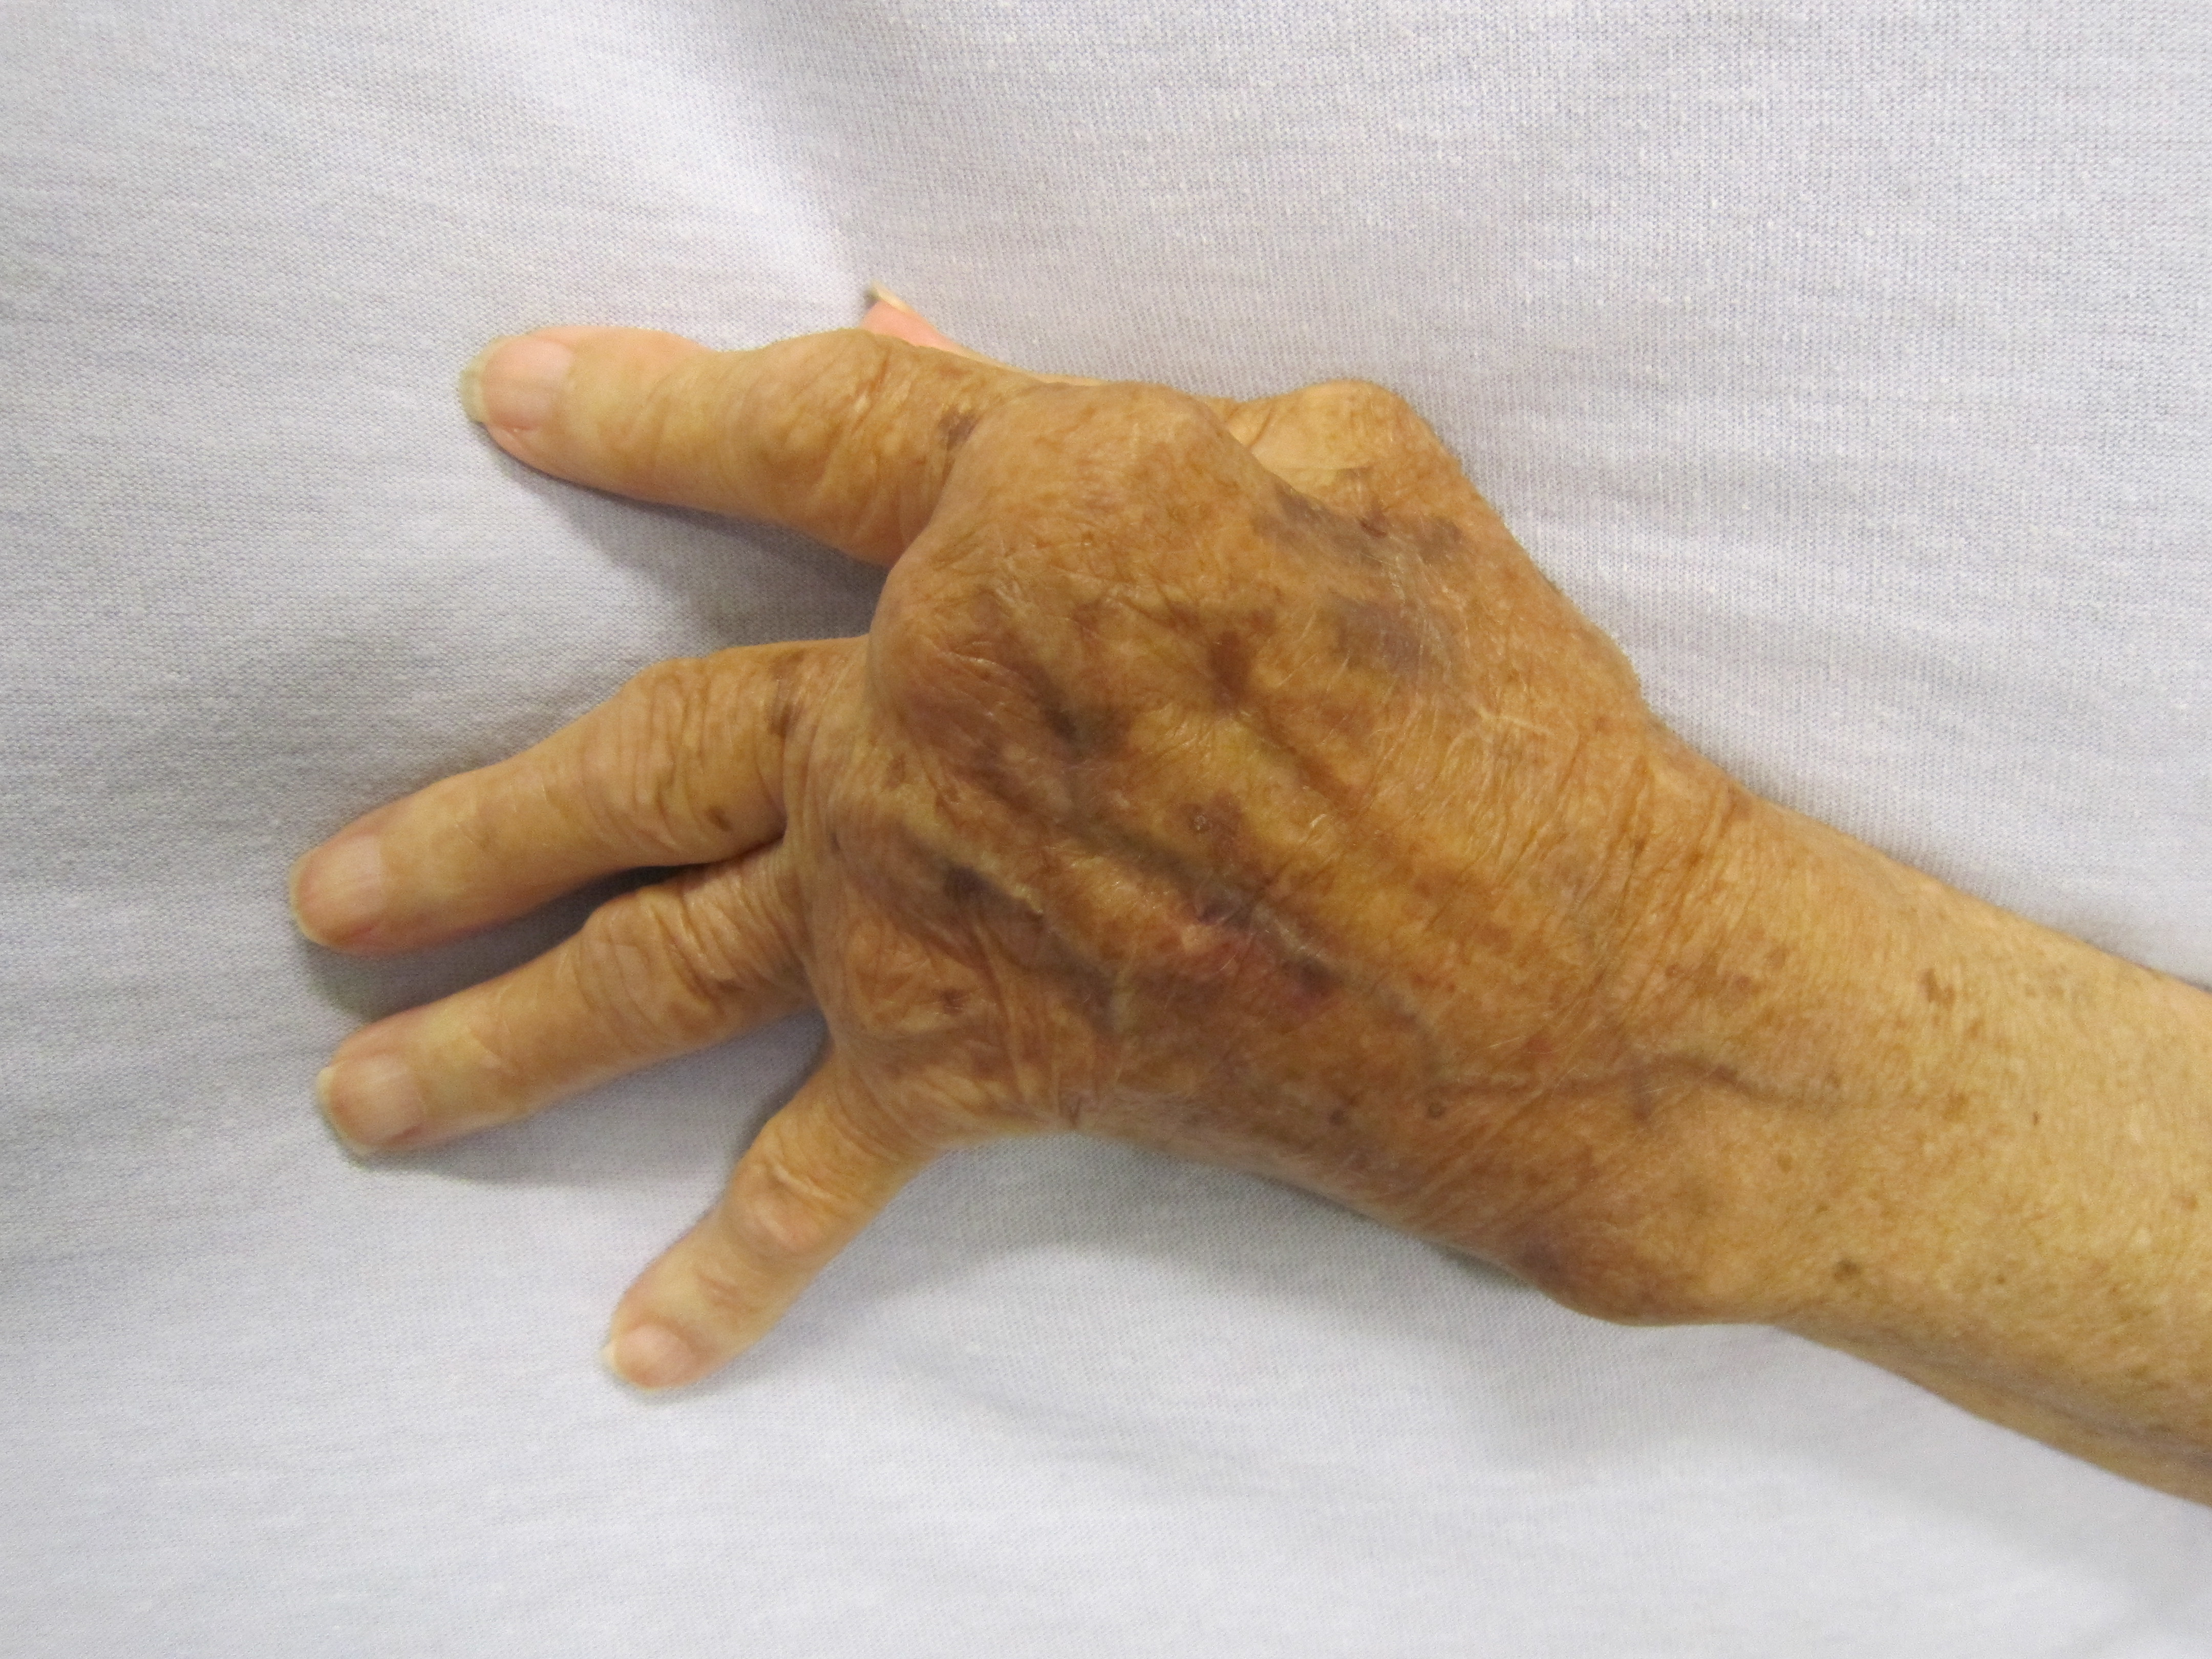 fáj a csípőízület jobb oldalán meddig fáj az ízületek a kezelés után